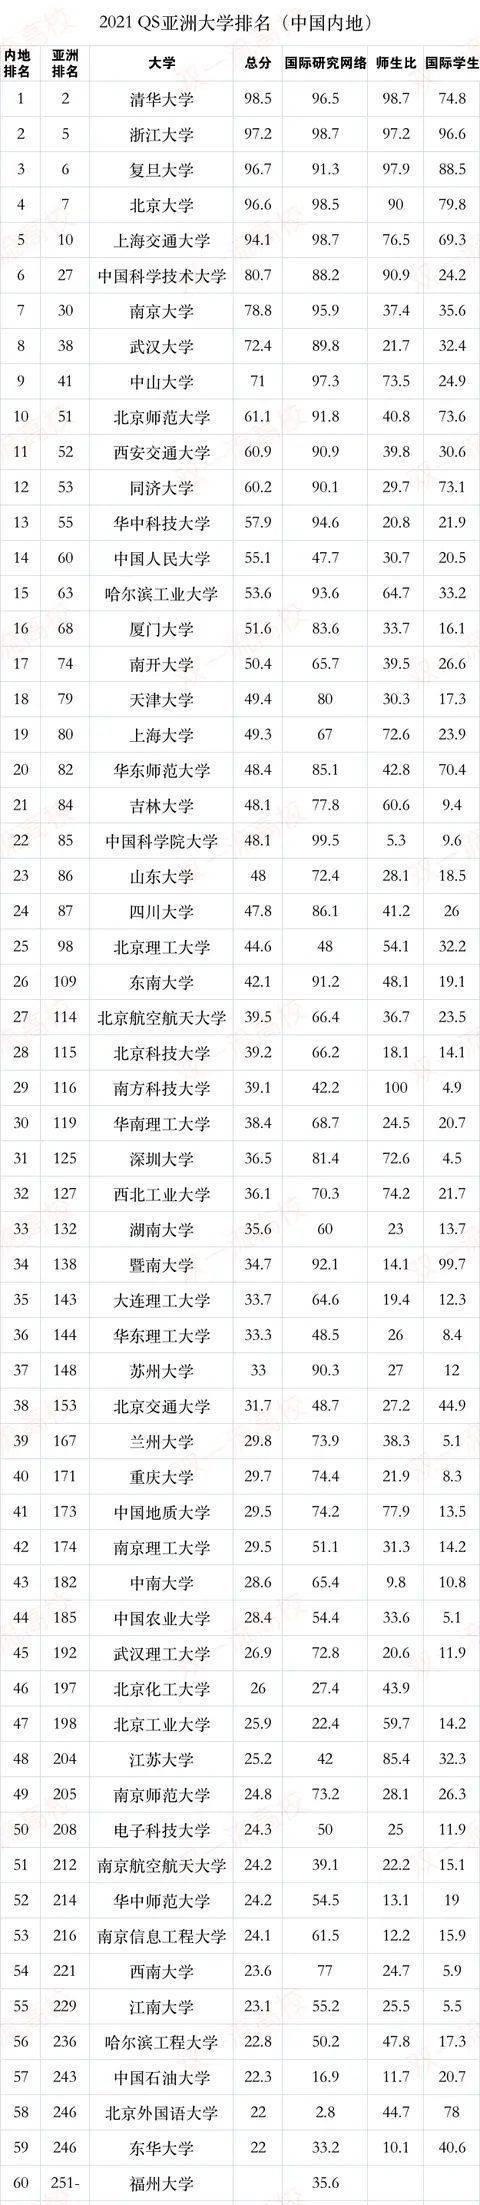 """""""168体育"""" 我国高校最新排名 前十名重新""""洗牌""""(图1)"""